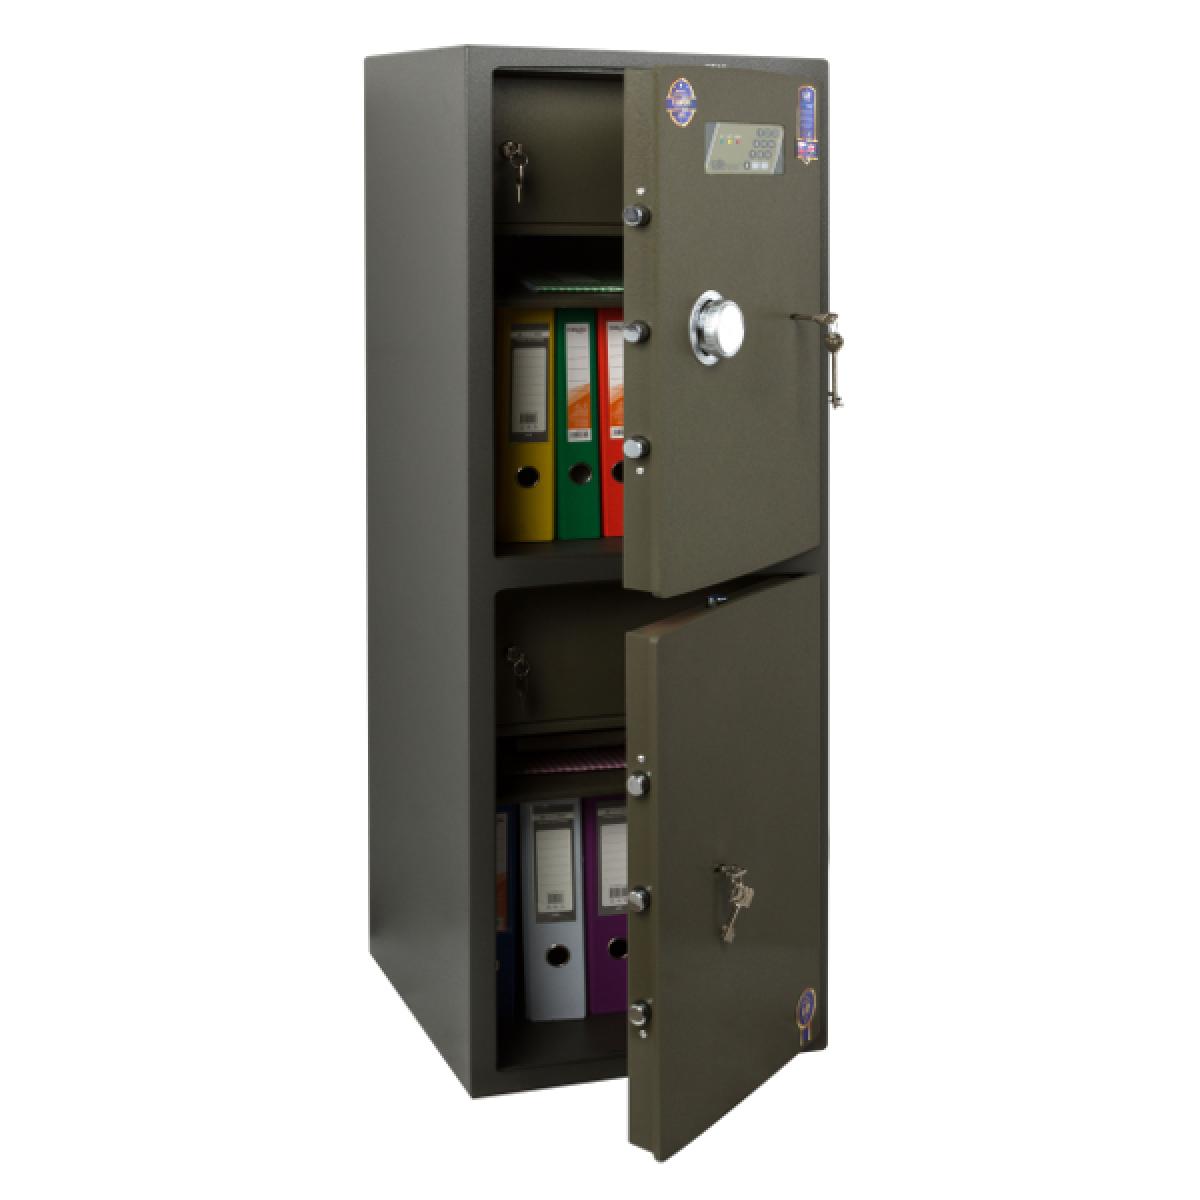 Сейф зламостійкий Safetronics NTR 61MEs/61Ms